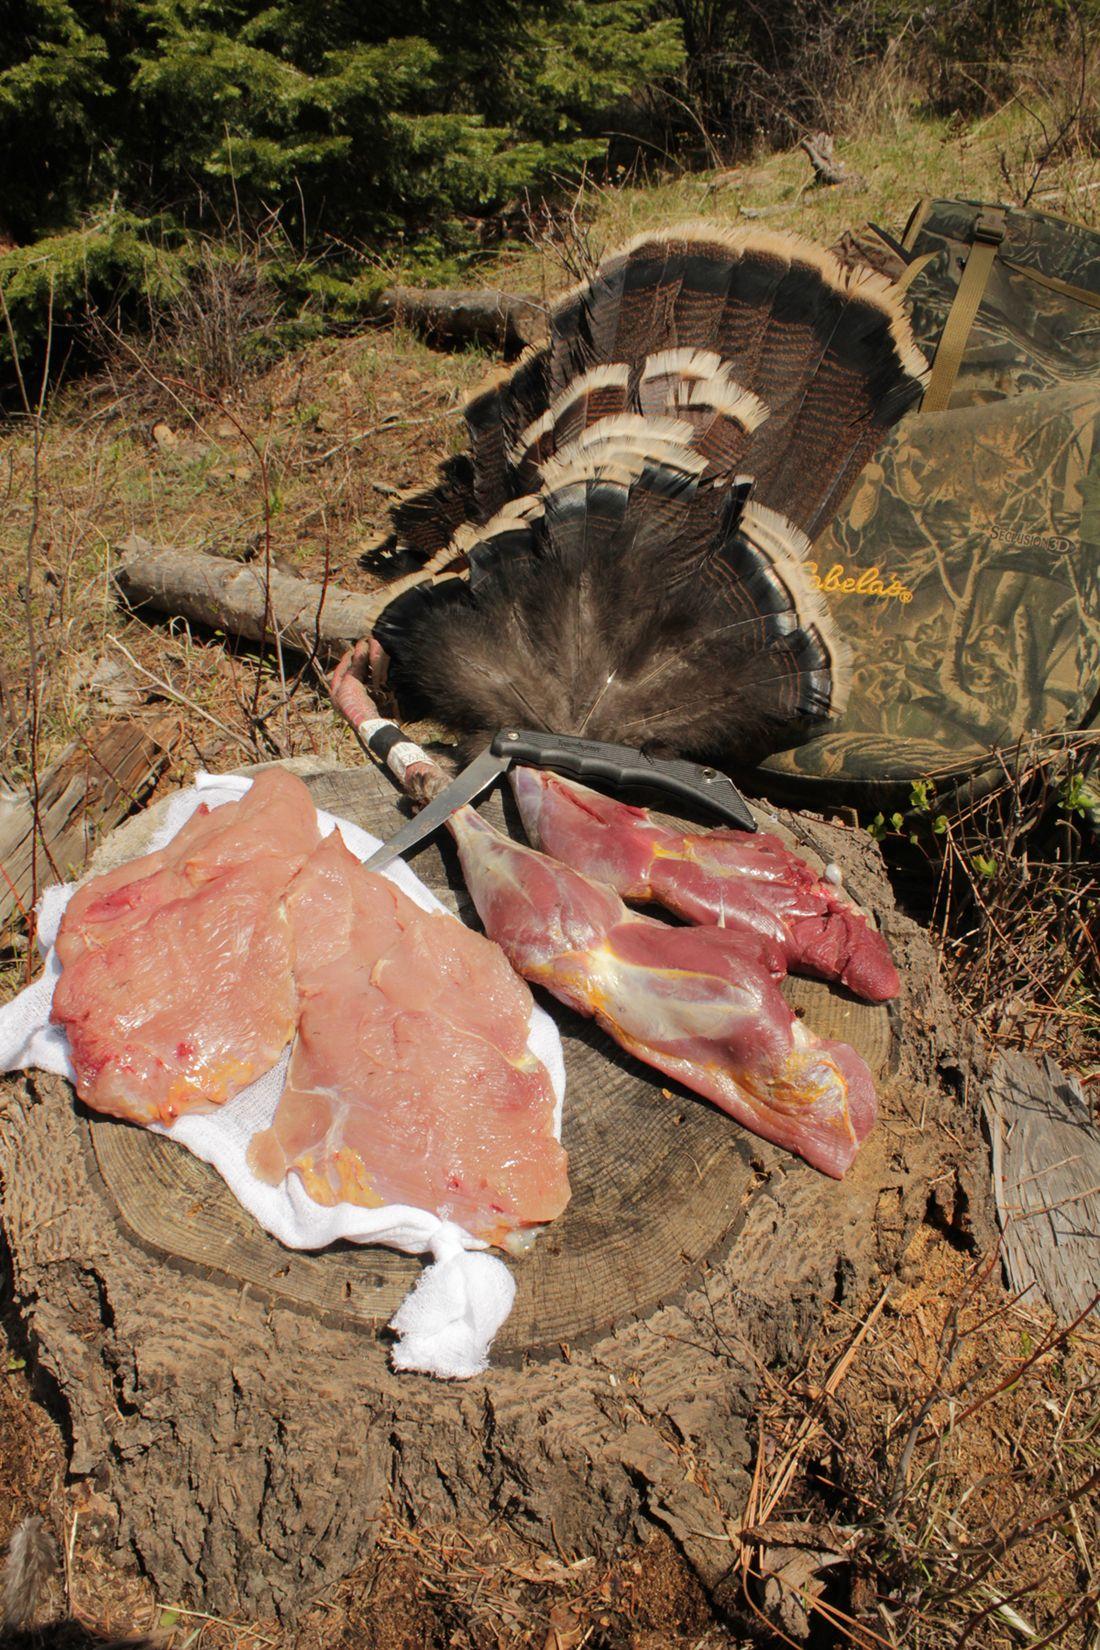 Clean that bird quickly bird national wild turkey